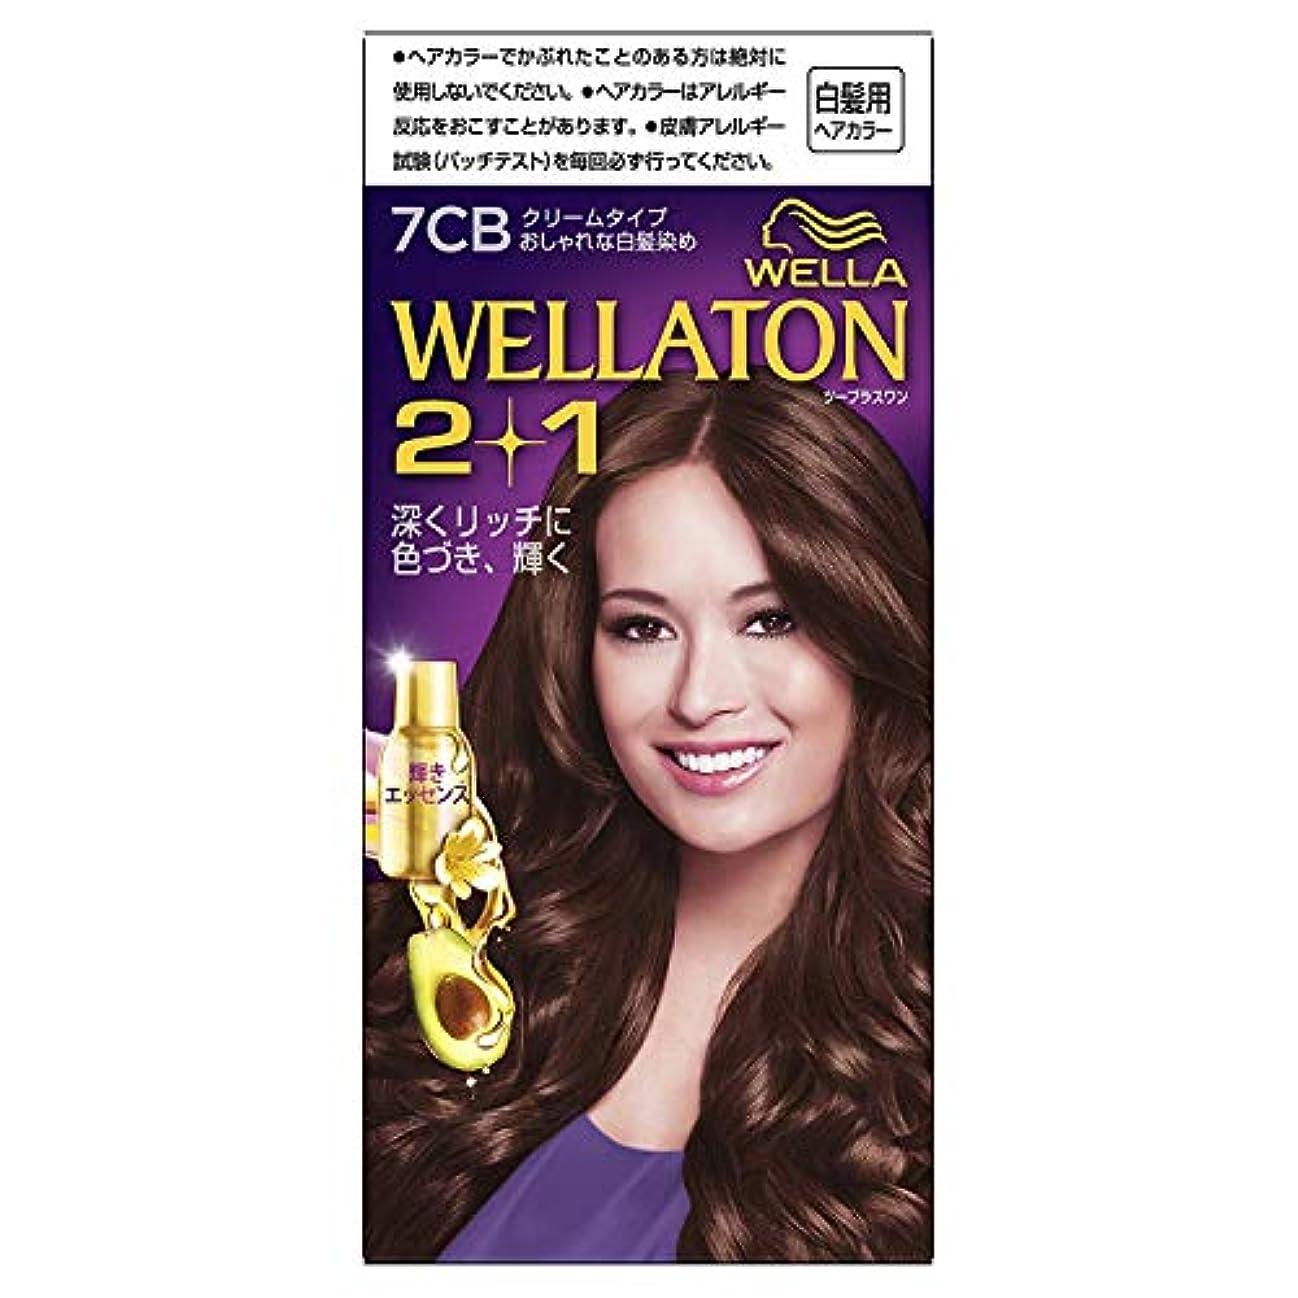 戻る教養がある影ウエラトーン2+1 白髪染め クリームタイプ 7CB [医薬部外品] ×6個